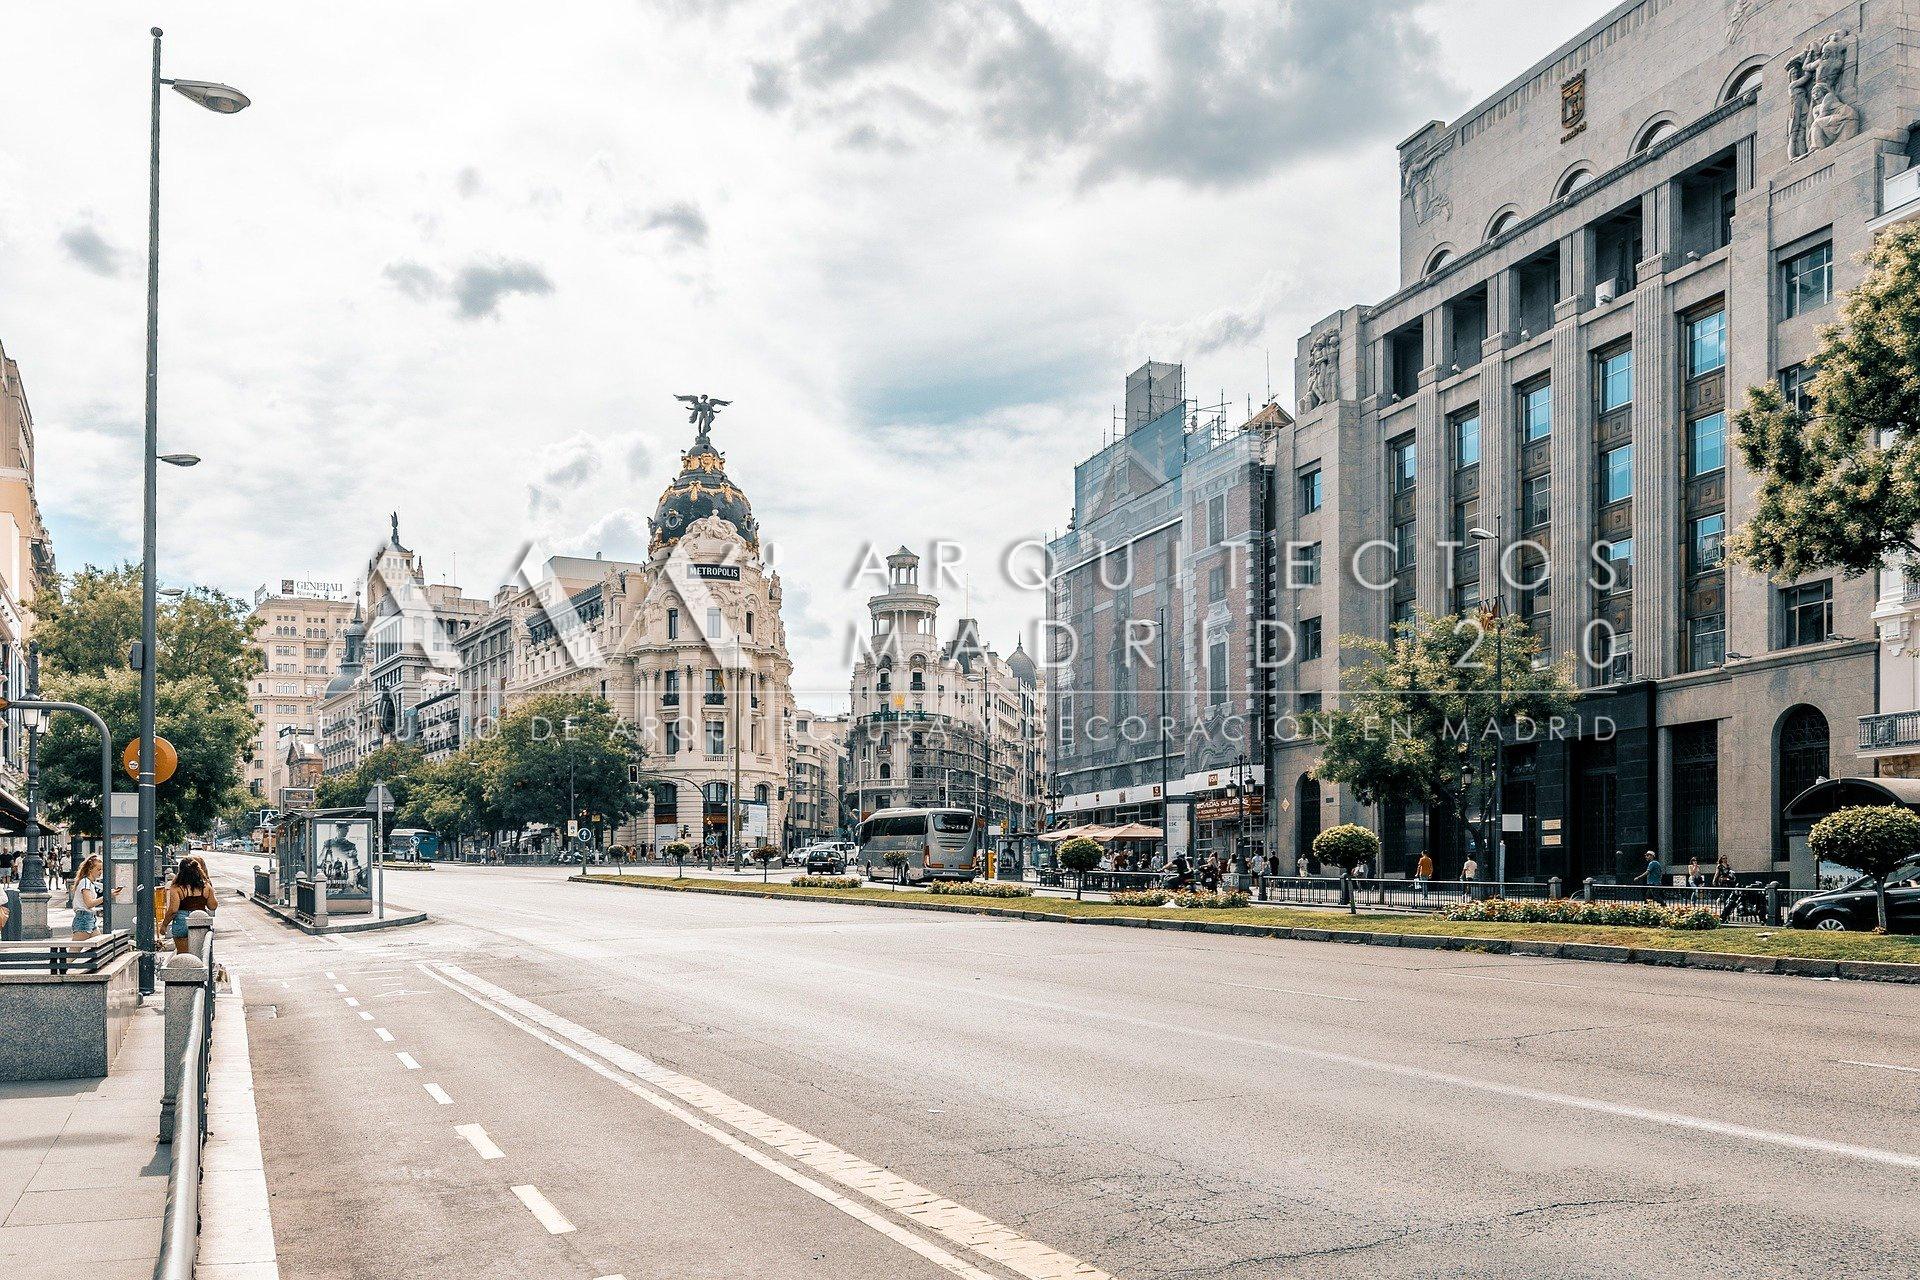 inversiones-inmobiliarias-madrid-real-state-consulting-arquitectos-madrid-04